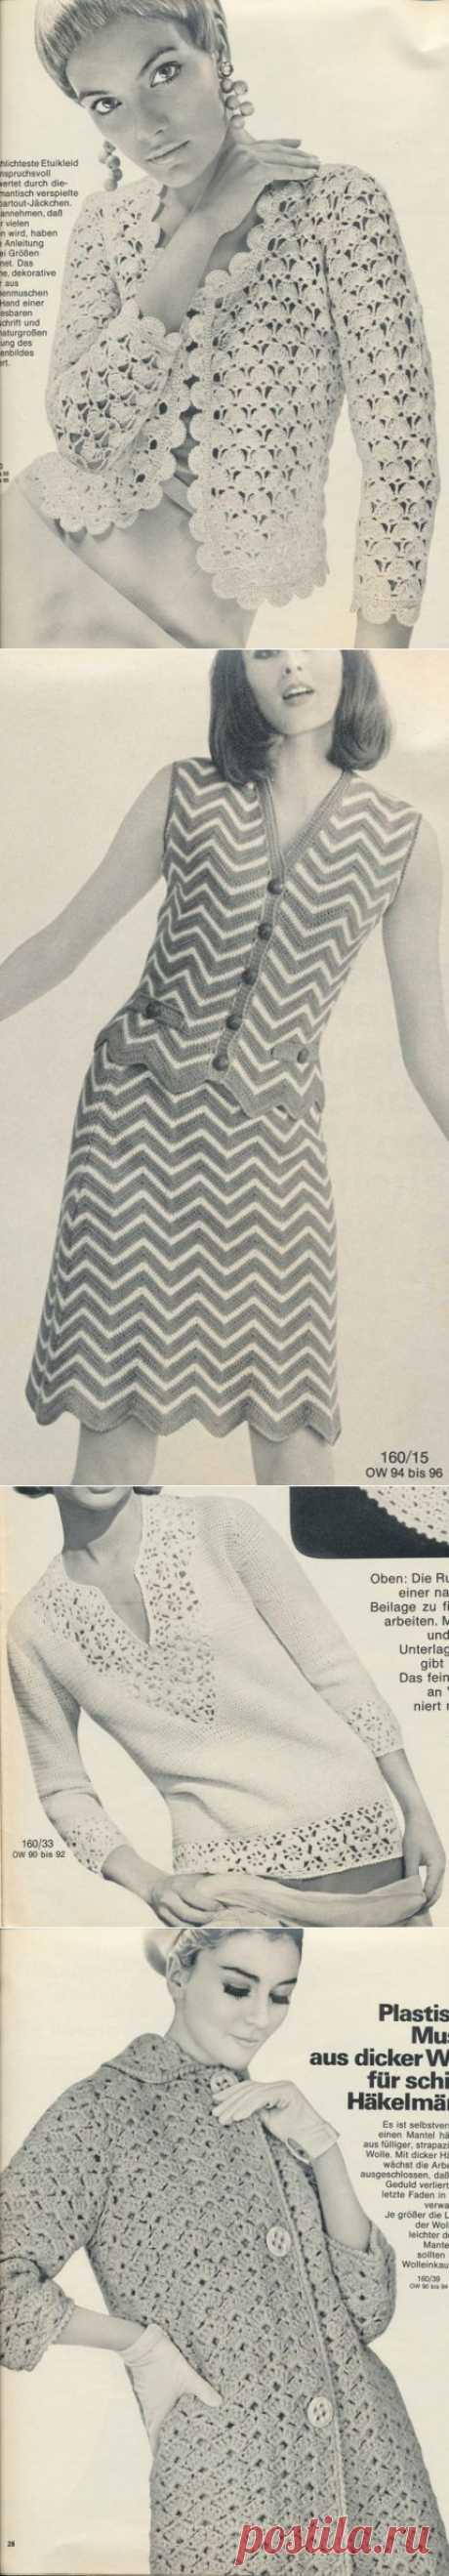 BURDA 160-Женская летняя одежда крючком..